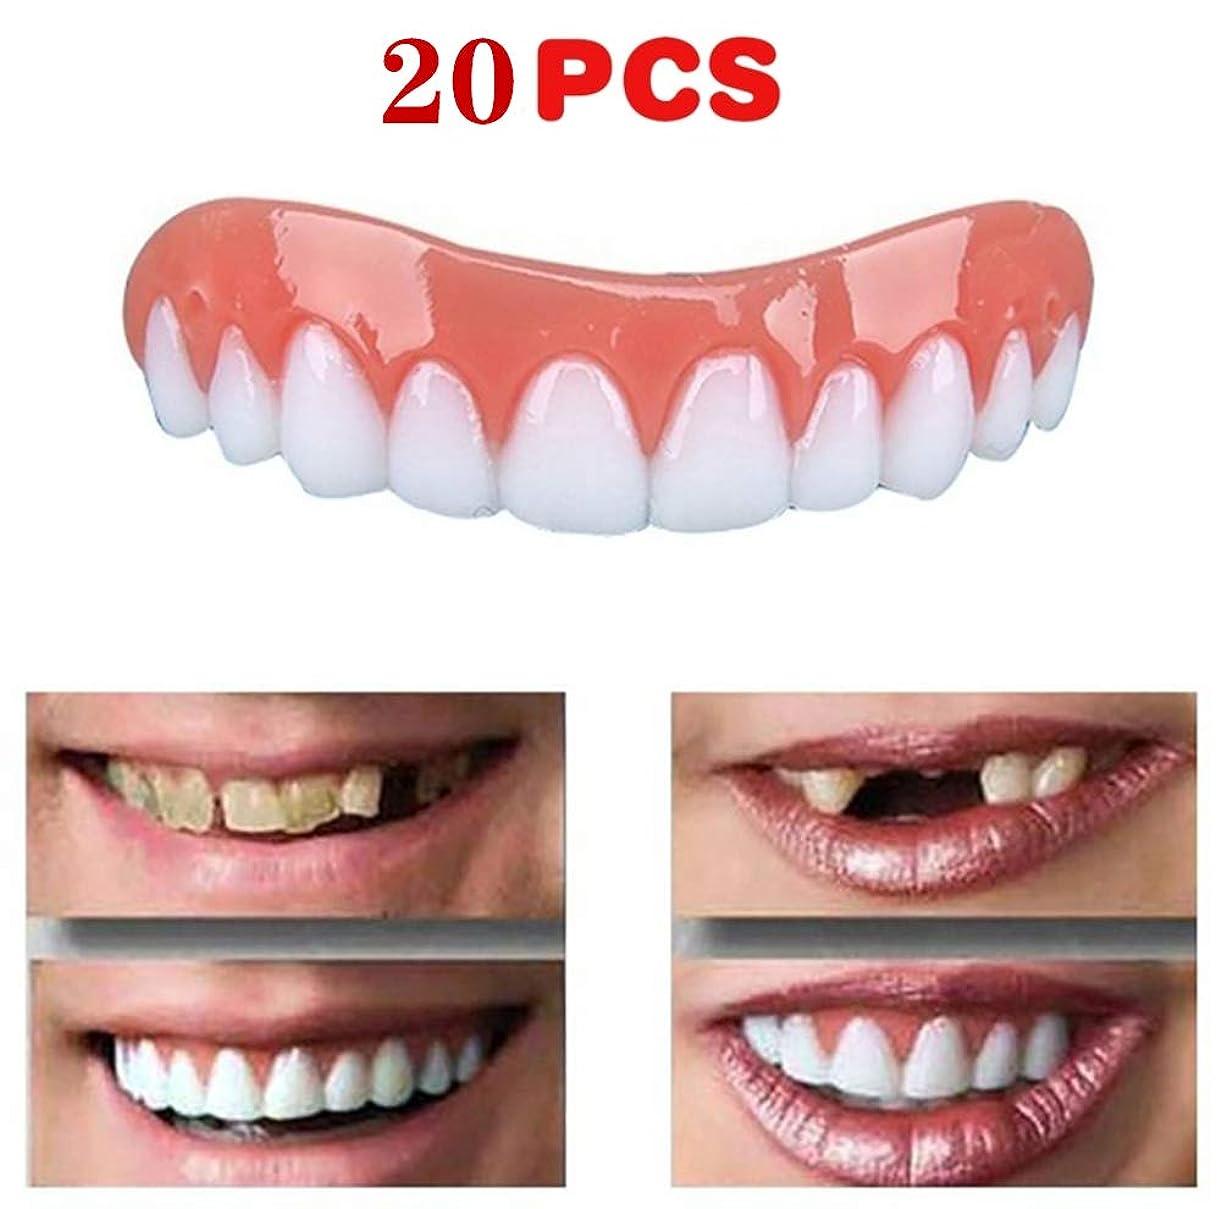 ネックレット想像する中止します新しい再利用可能な大人のスナップオンパーフェクトスマイルホワイトニング義歯フィットフレックス化粧品歯快適なベニアカバーデンタルケアアクセサリー